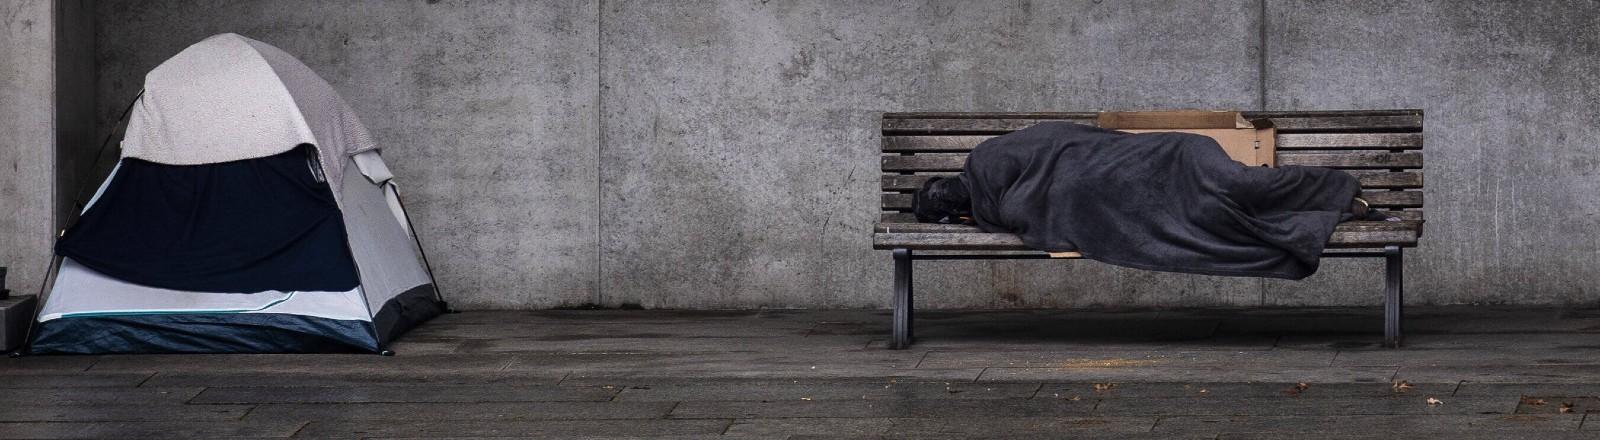 Wohnungslose Person in einer Decke auf einer Bank